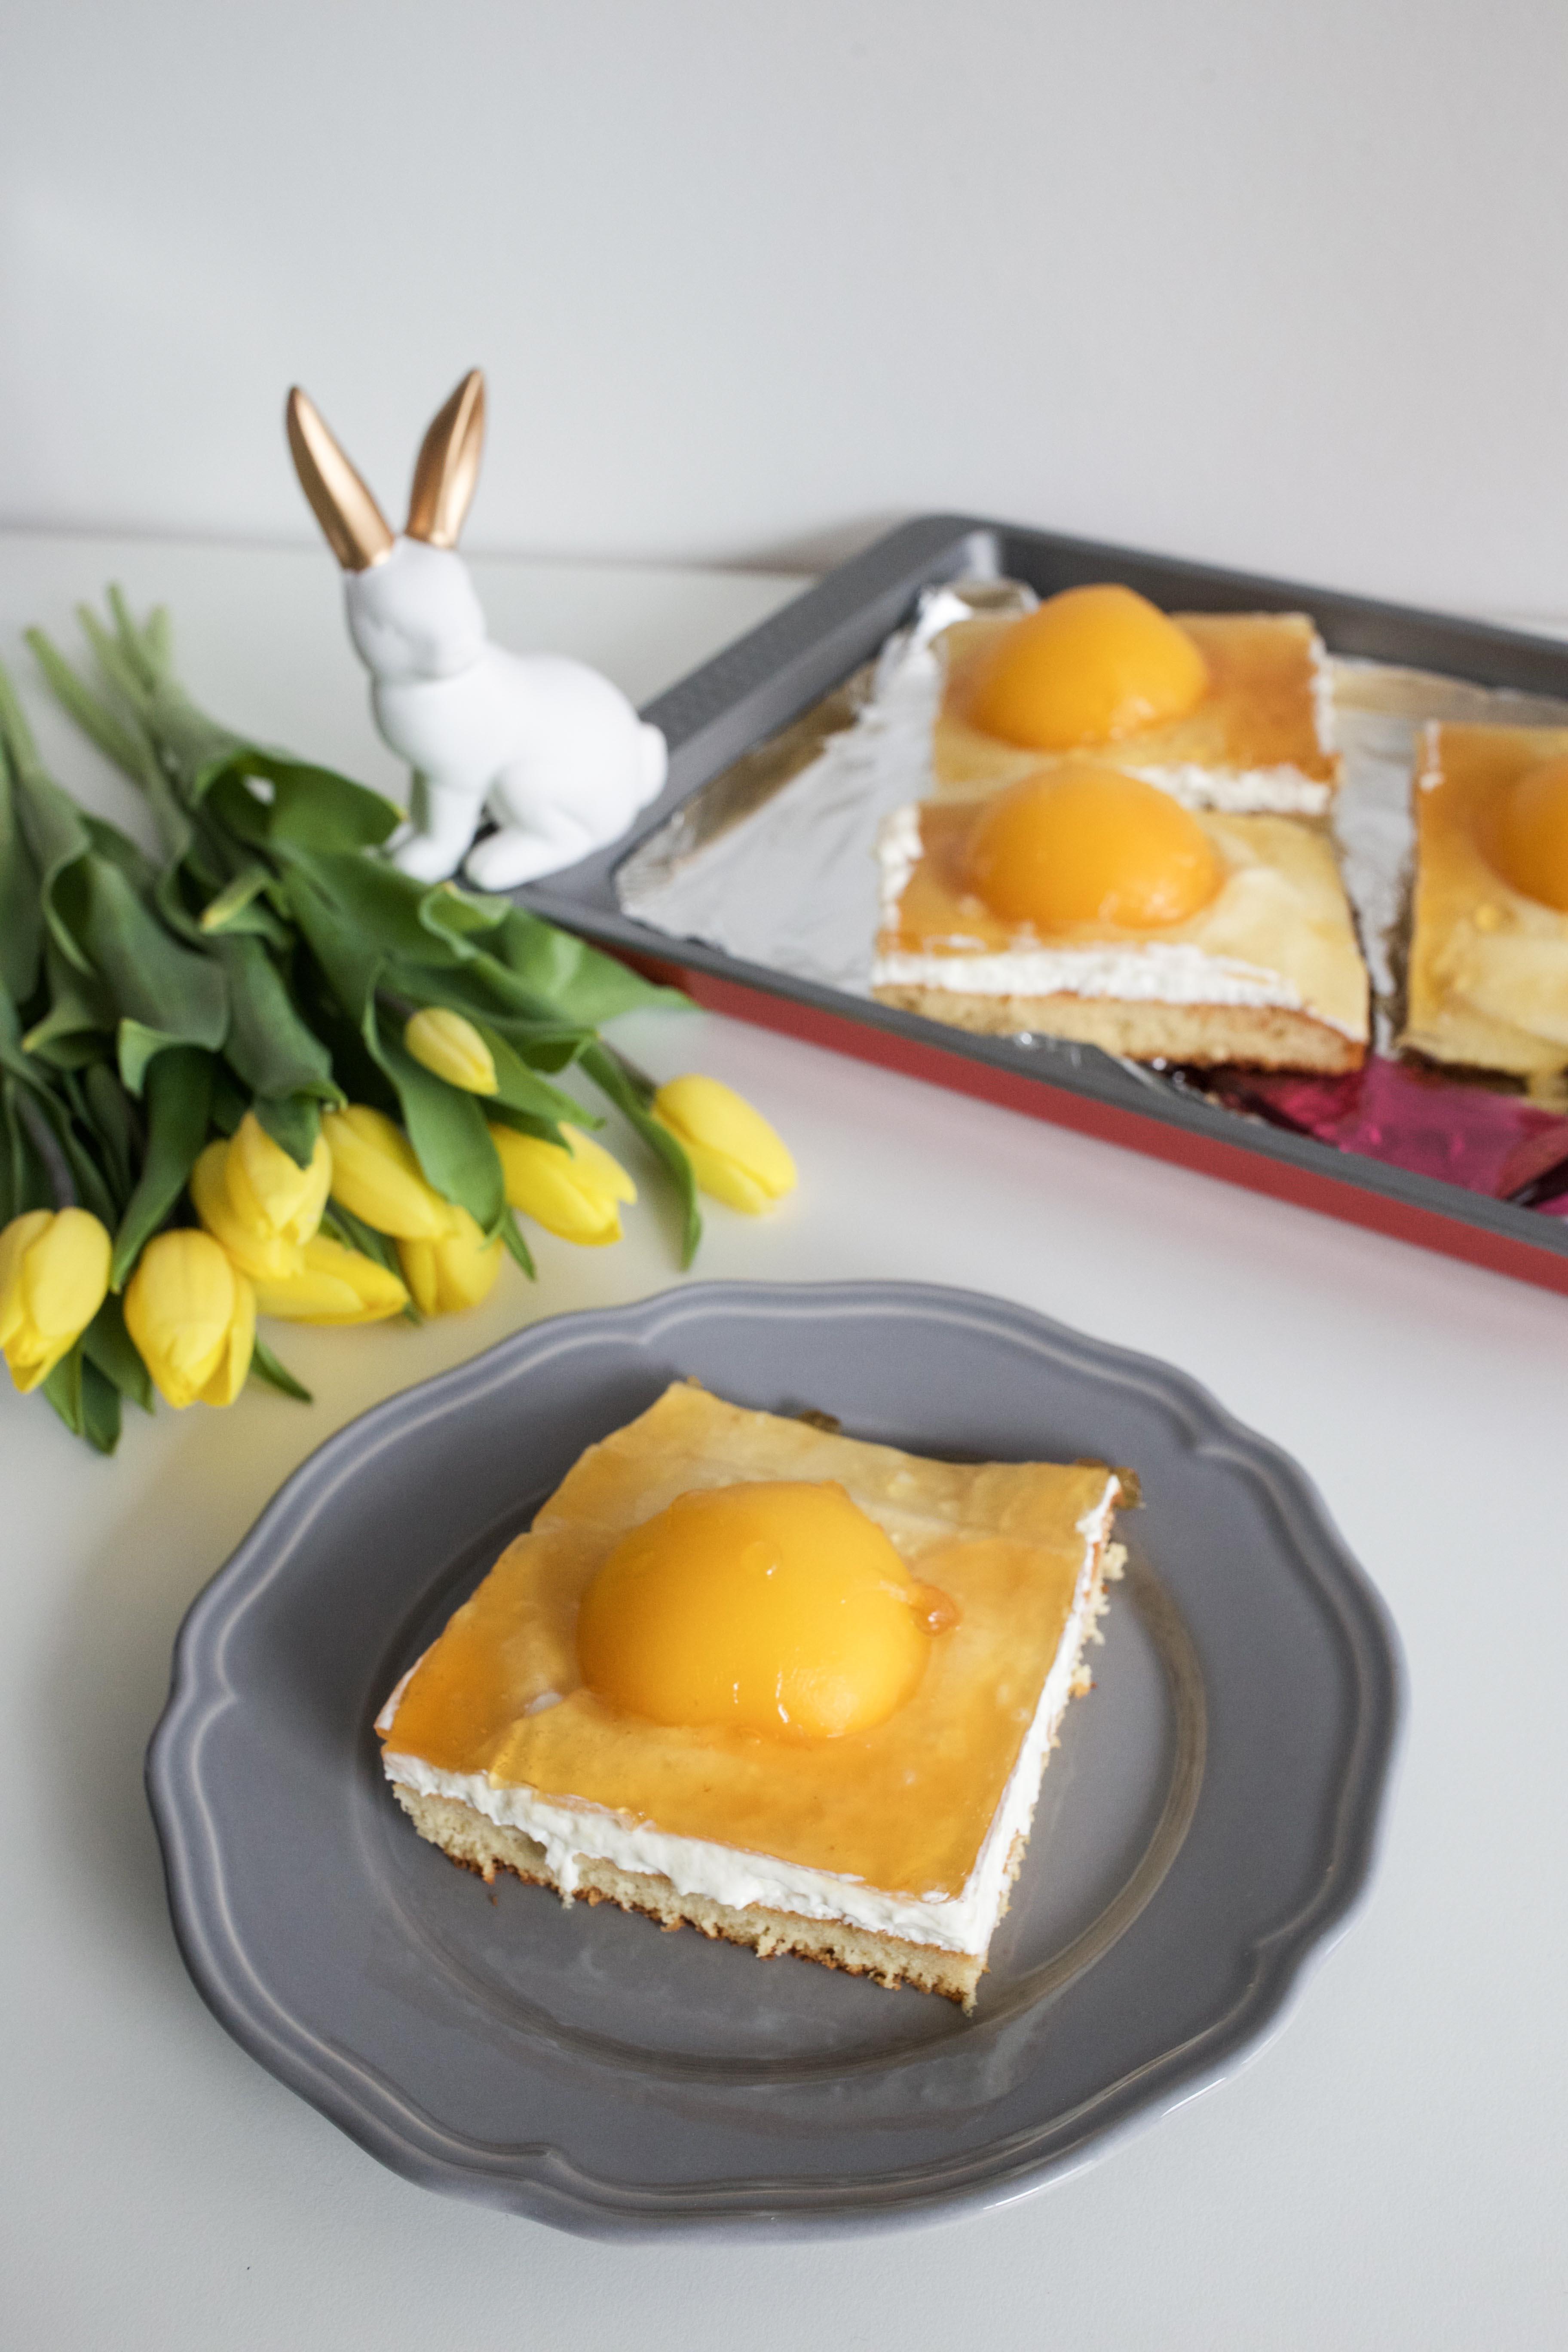 osterkuchen-spiegeleikuchen-rezept-ostern-dessert-rezeptidee-food_6476